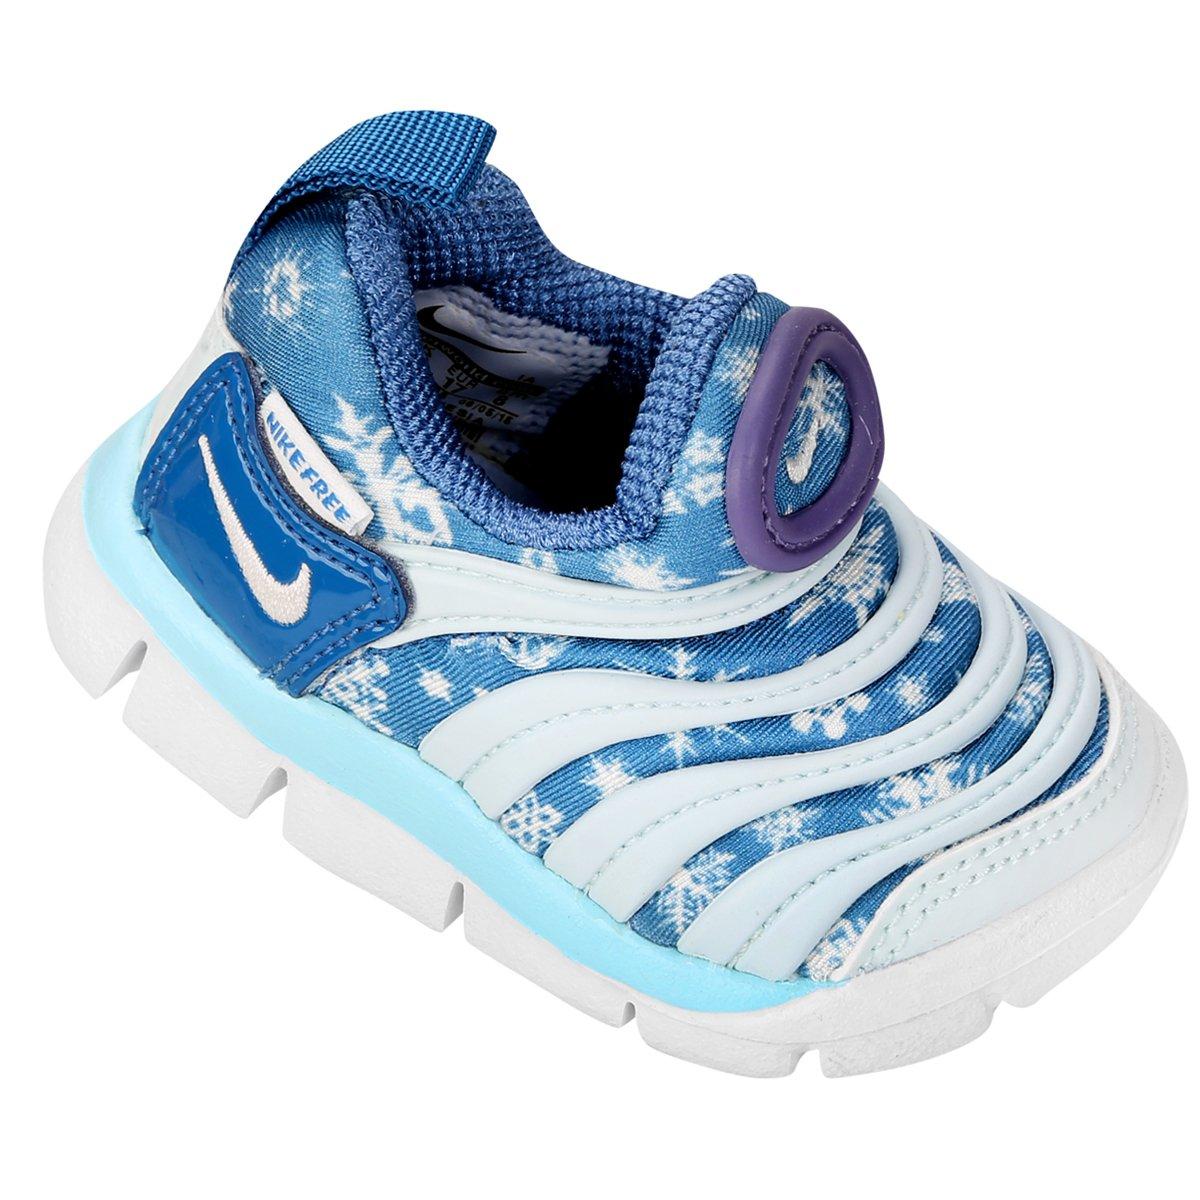 91233cba6 Tênis Infantil Nike Dynamo Free - Compre Agora